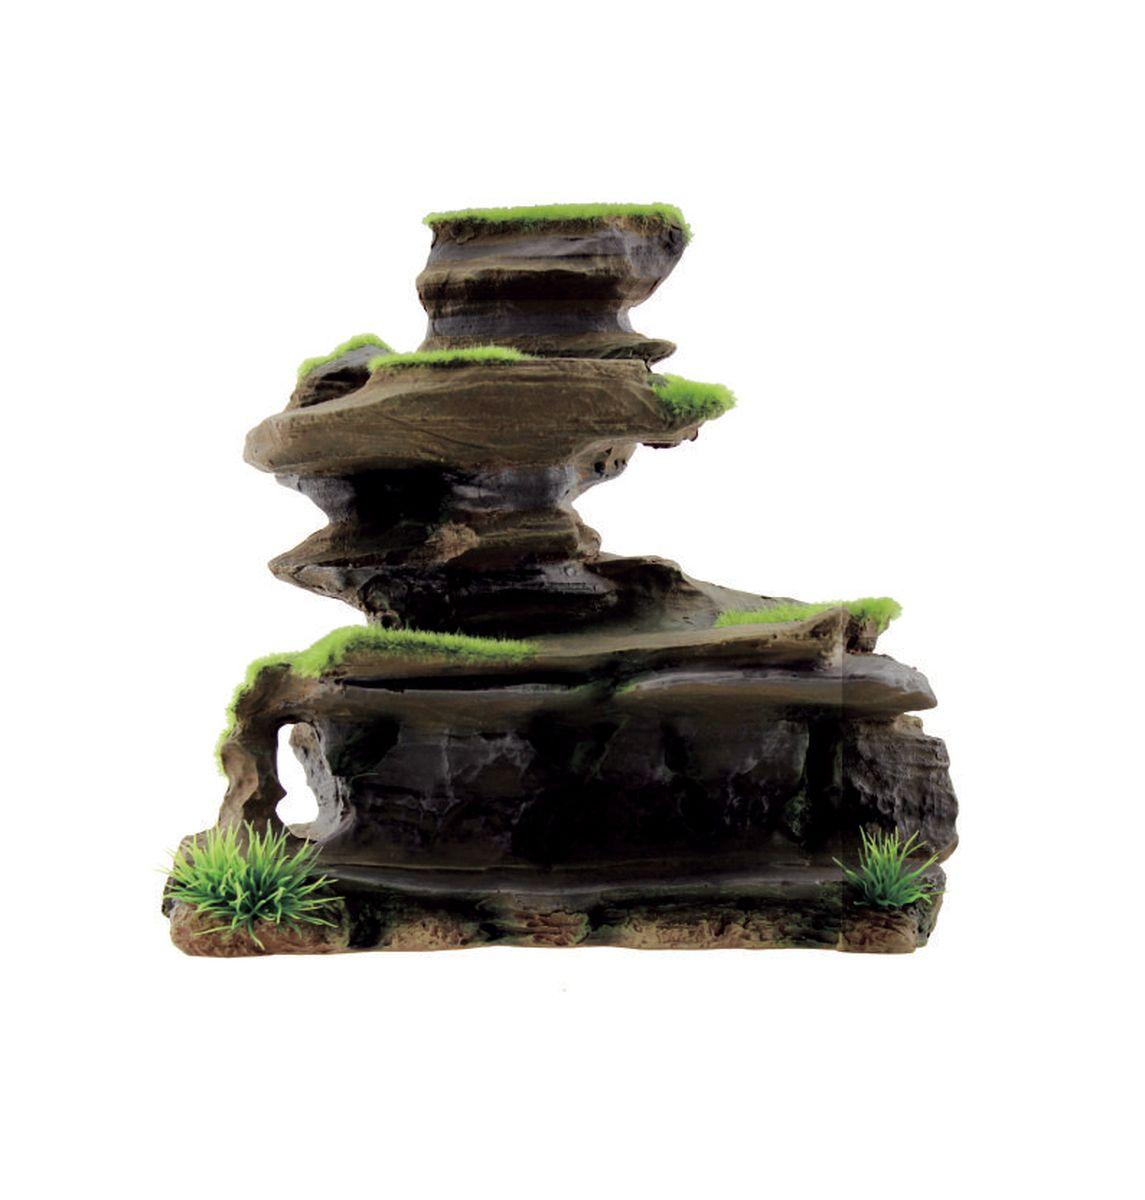 Декорация для аквариума ArtUniq Фигурная скала со мхом, 22,5 x 11,5 x 21,5 смART-3115050Декорация для аквариума ArtUniq Фигурная скала со мхом, 22,5 x 11,5 x 21,5 см